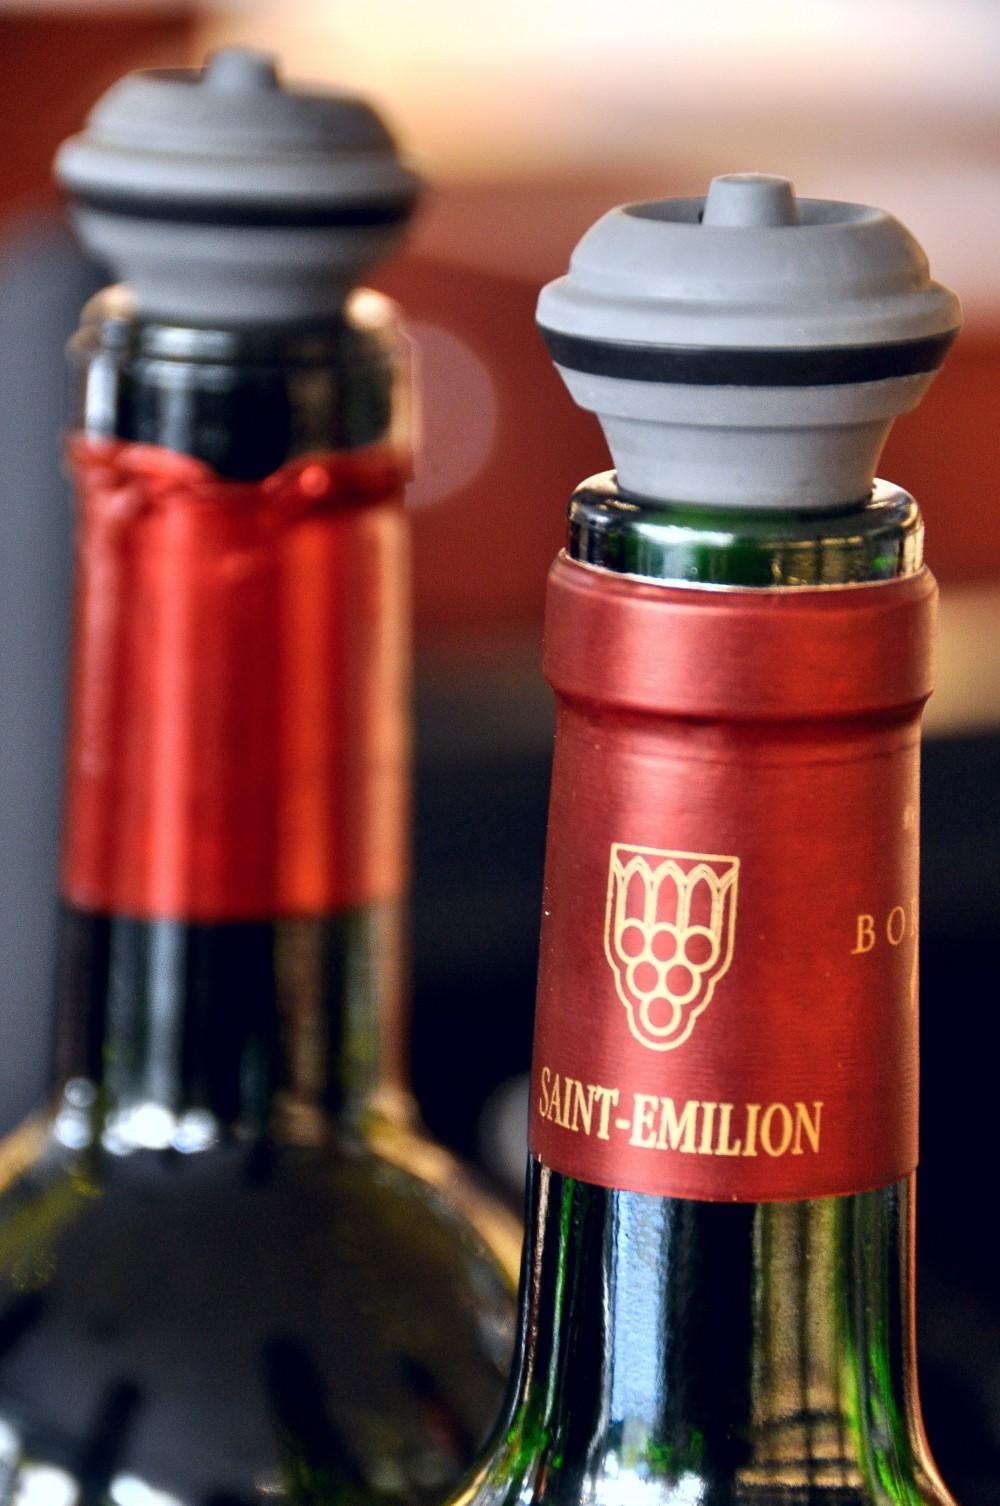 Le classement des vins de saint milion site de l 39 office de tourisme du grand saint emilionnais - Office du tourisme de saint emilion ...